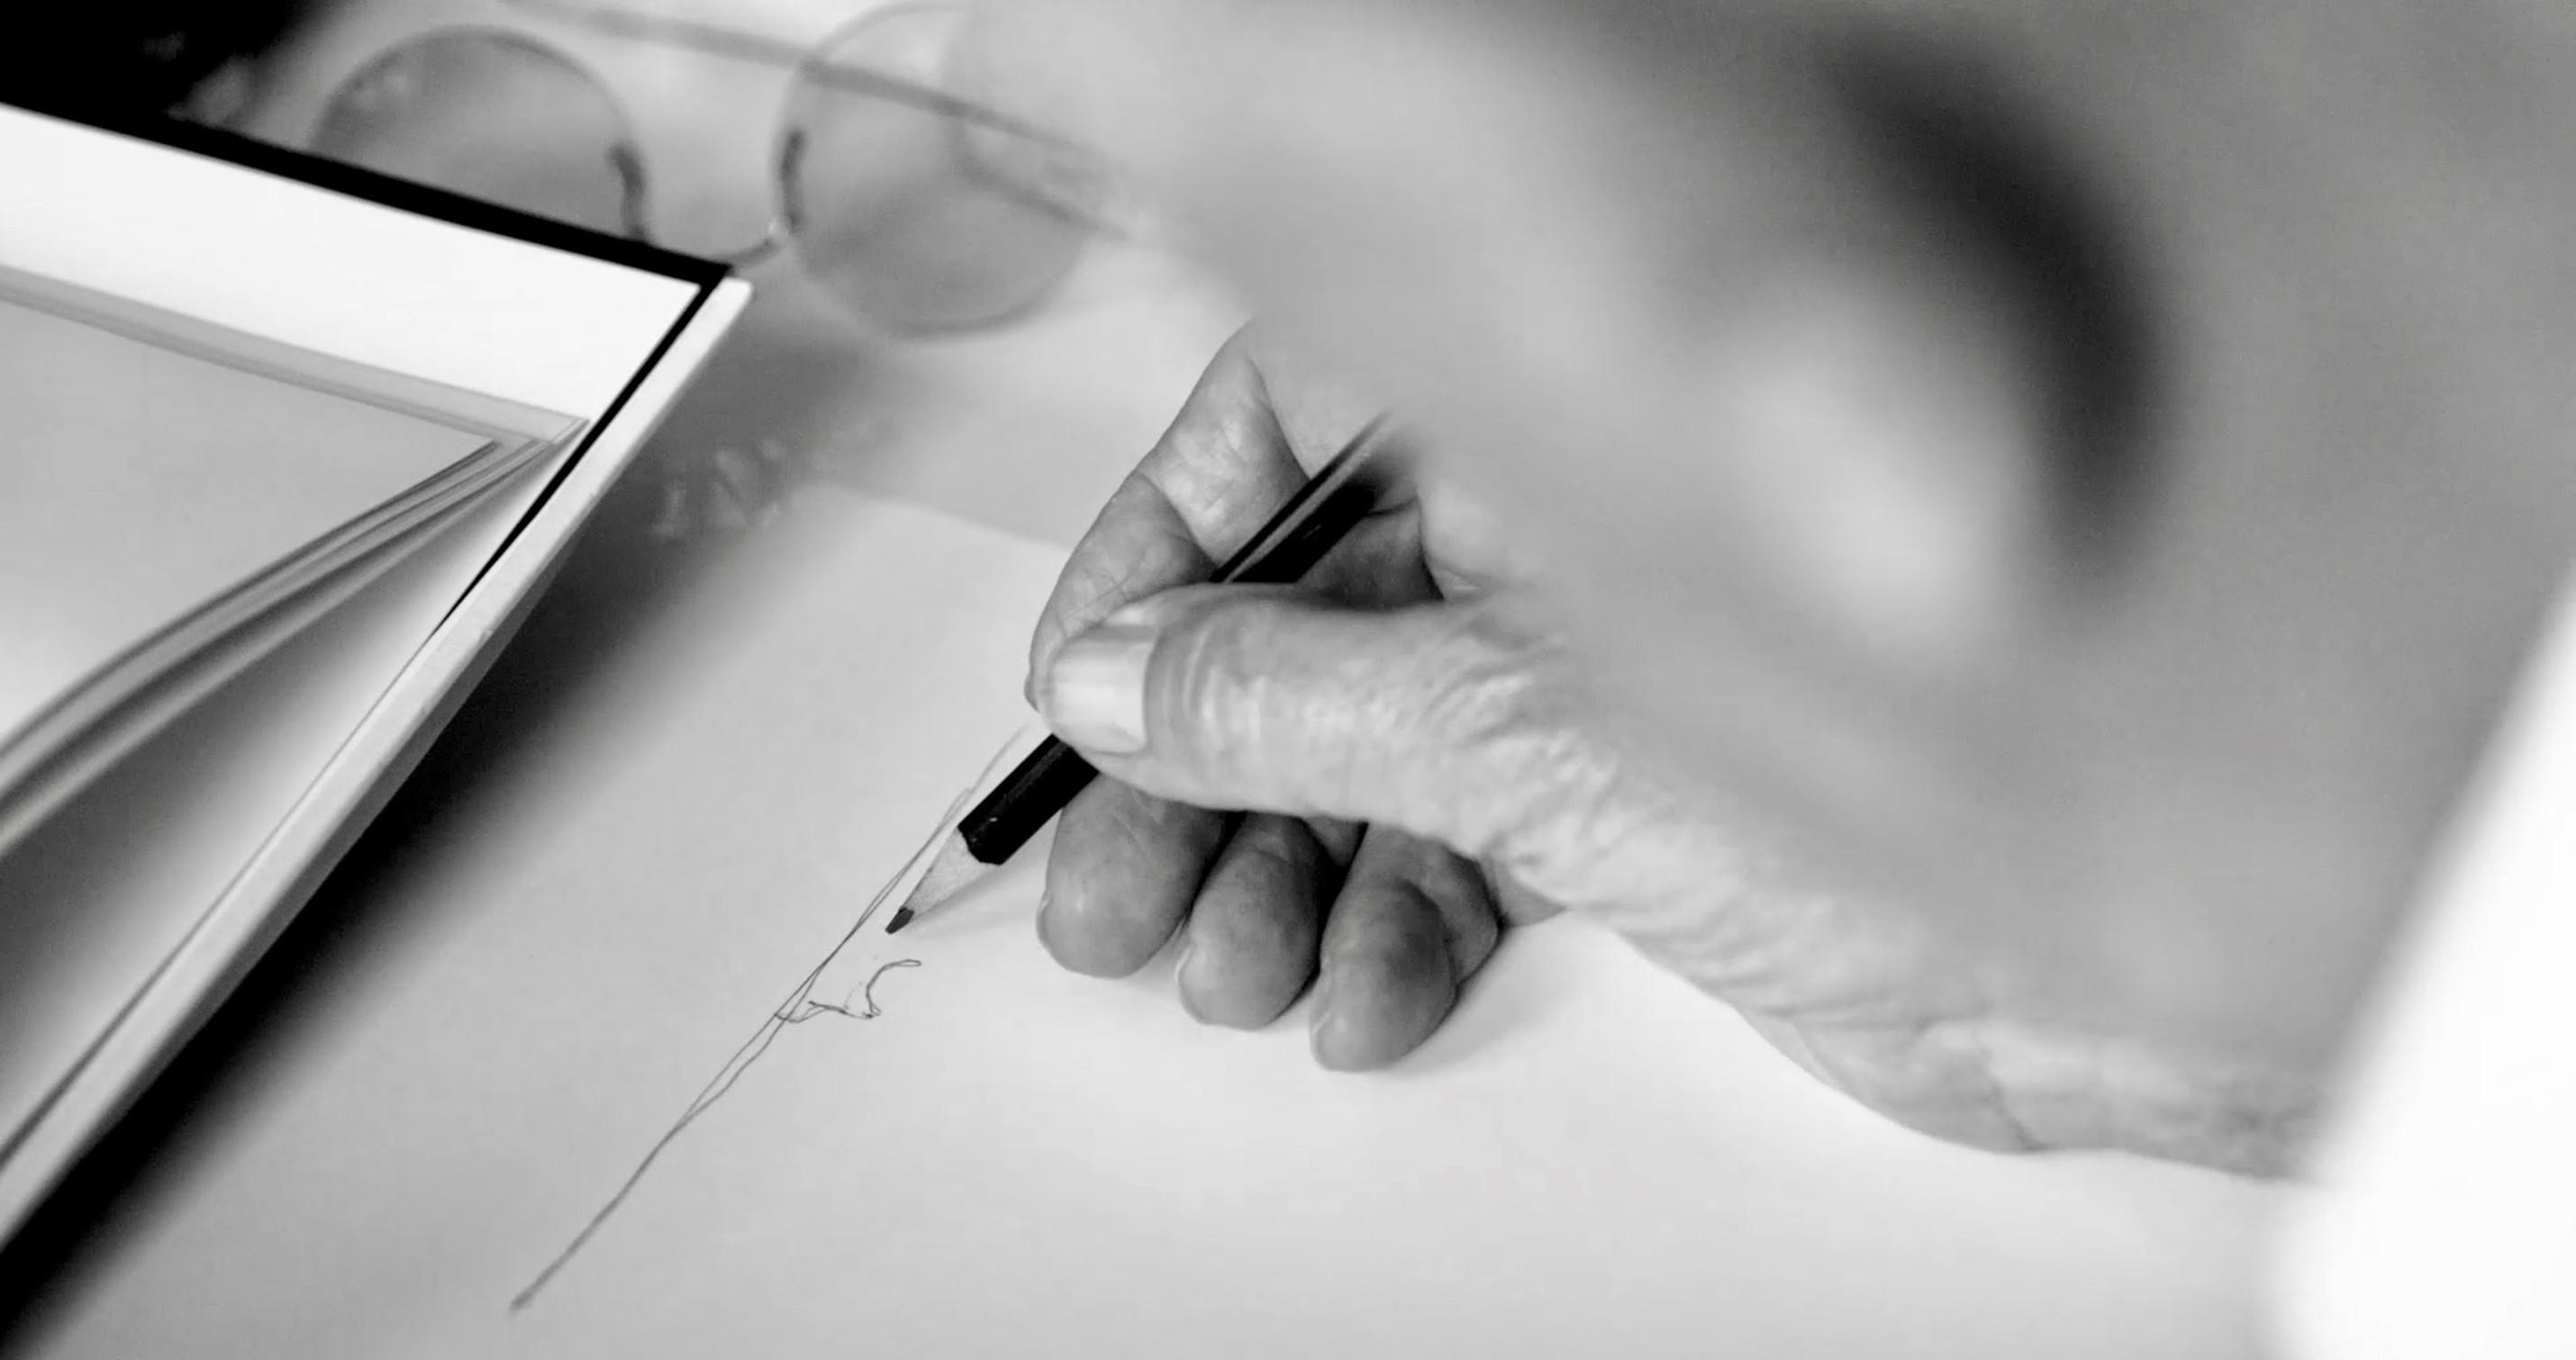 Die neue Nationalgalerie - Mies van der Rohe beim Zeichnen - Bild aus dem Dokumentarfilm von Ina Weisse - Kamera Judith Kaufmann